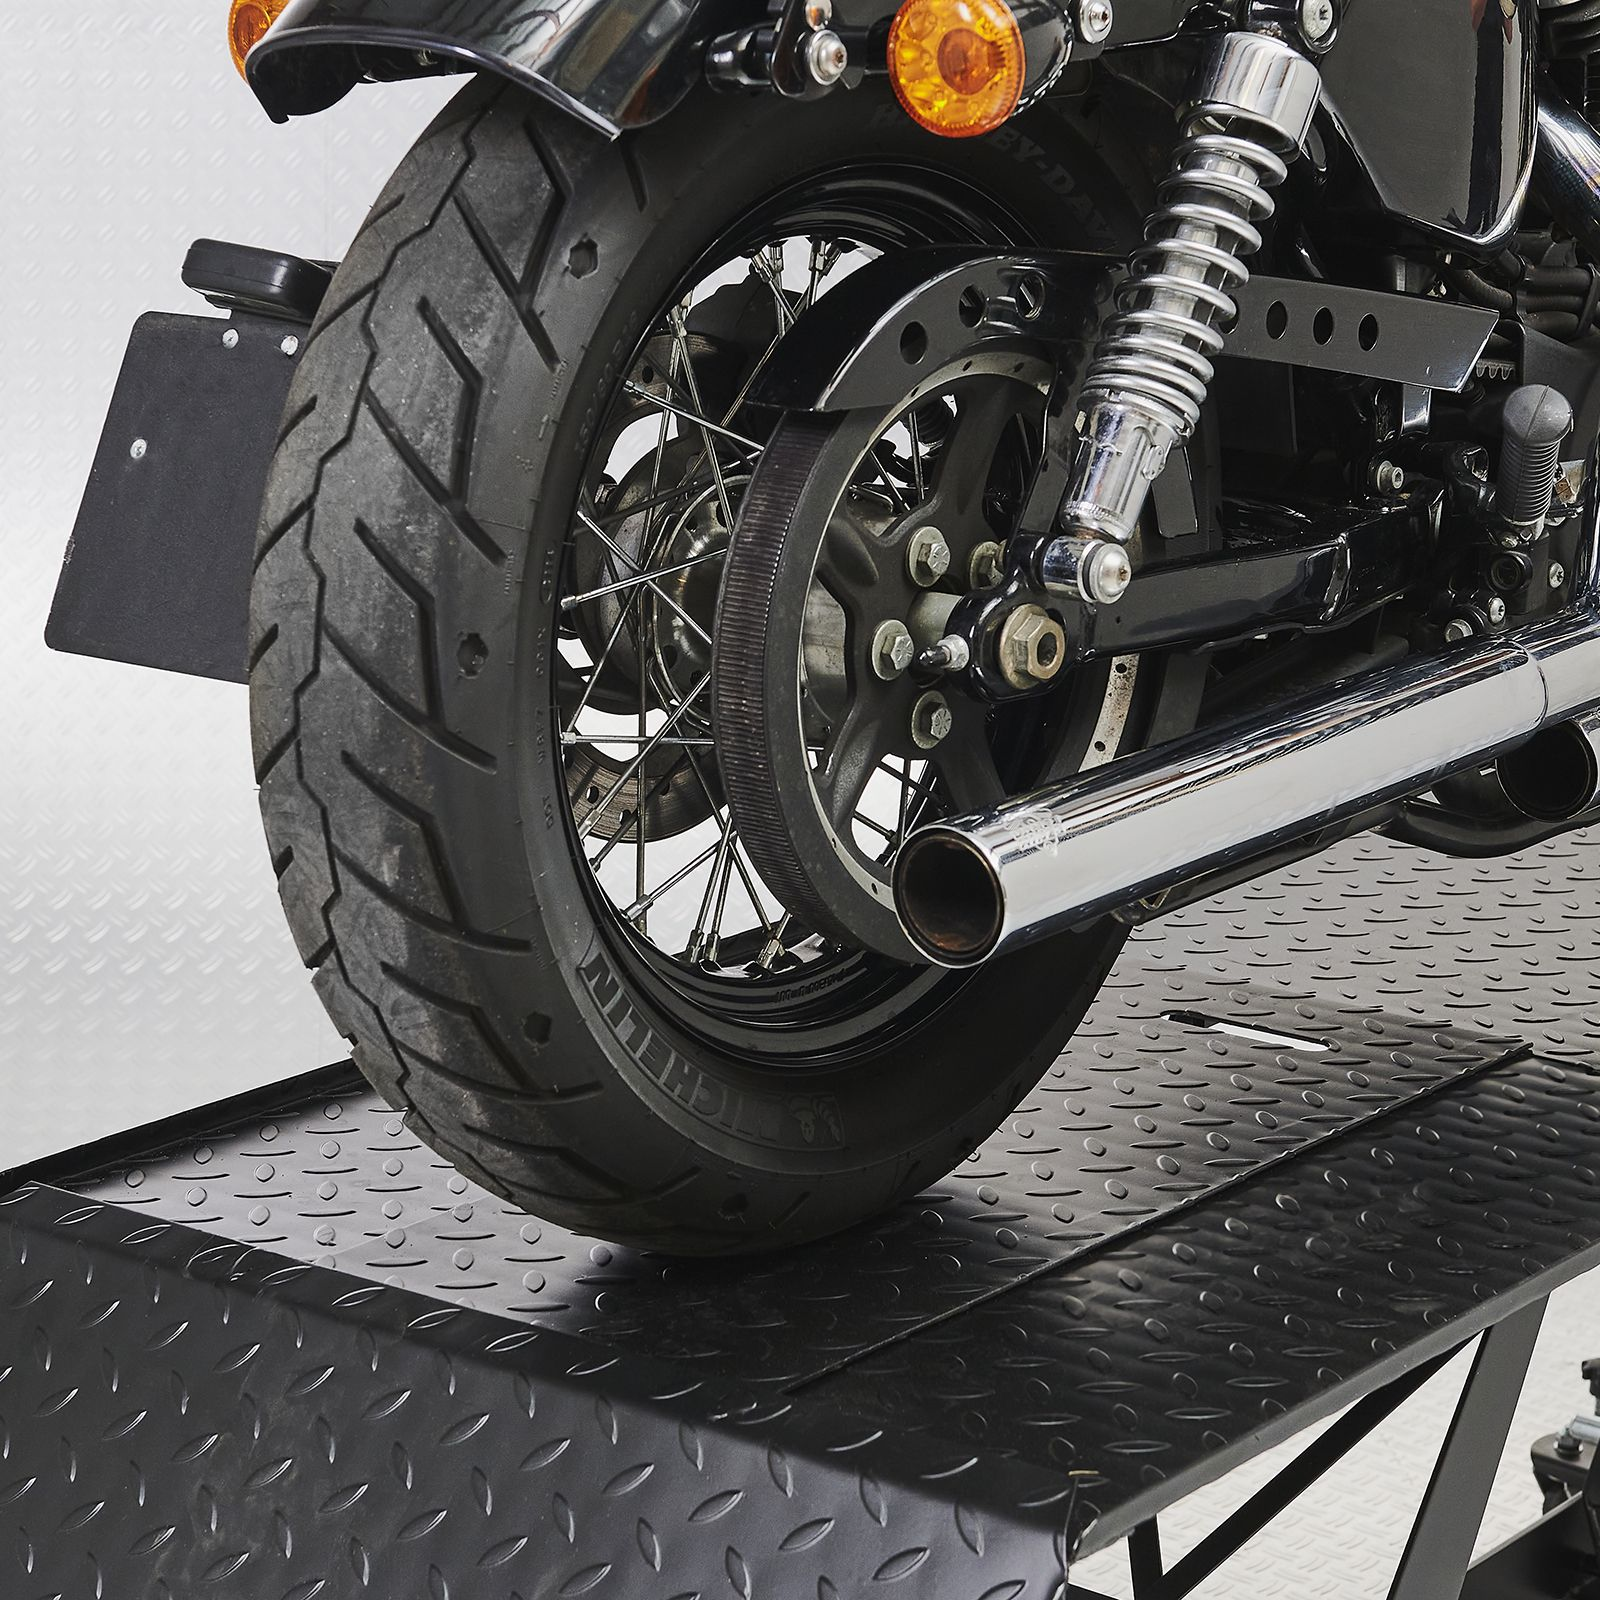 Zwarte motorheftafel 450 kg achterwiel Harley